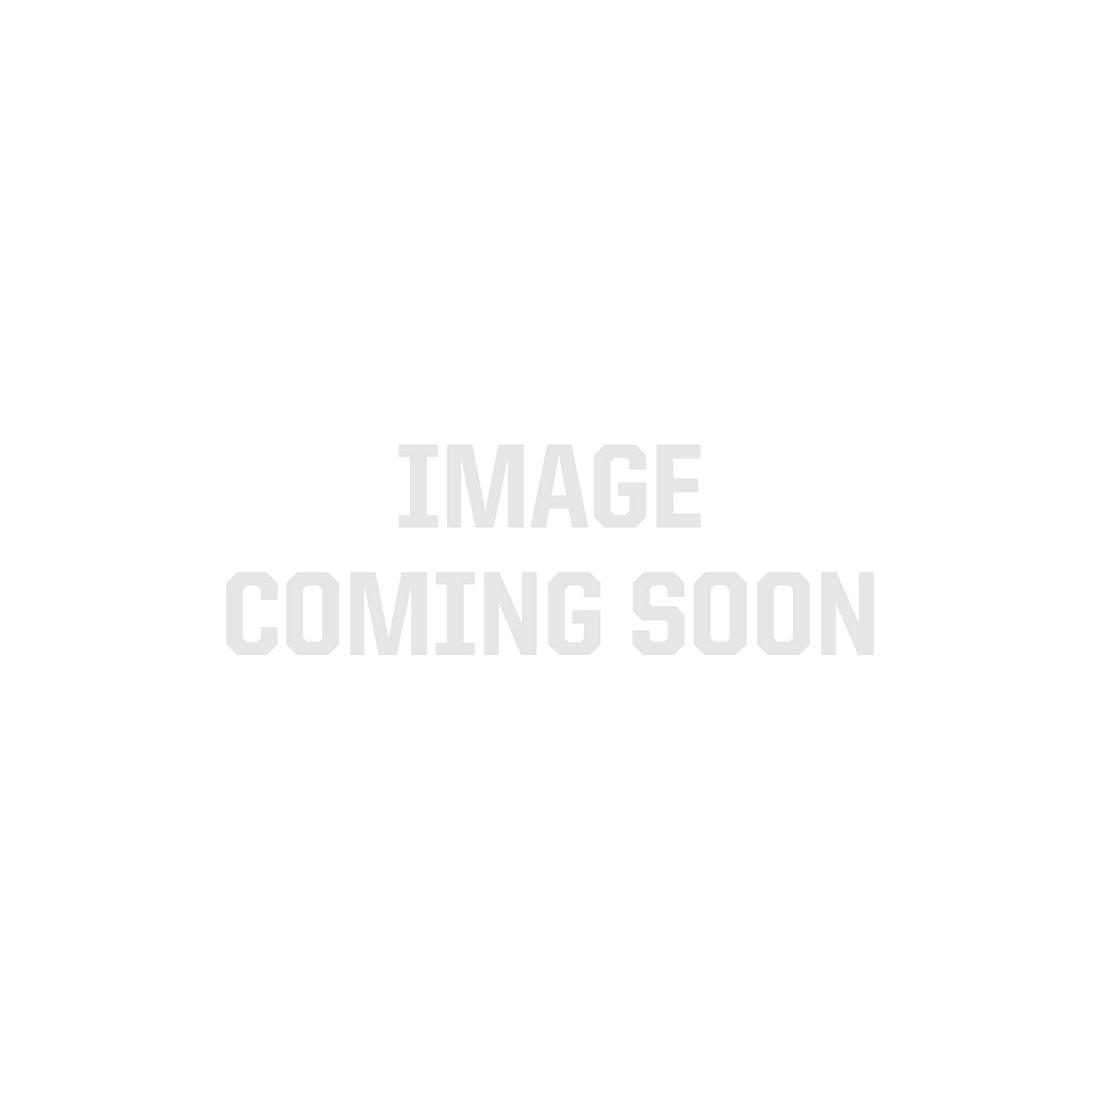 Neutral White 3528 LED Strip Light, 60/m, 8mm wide, Sample Kit